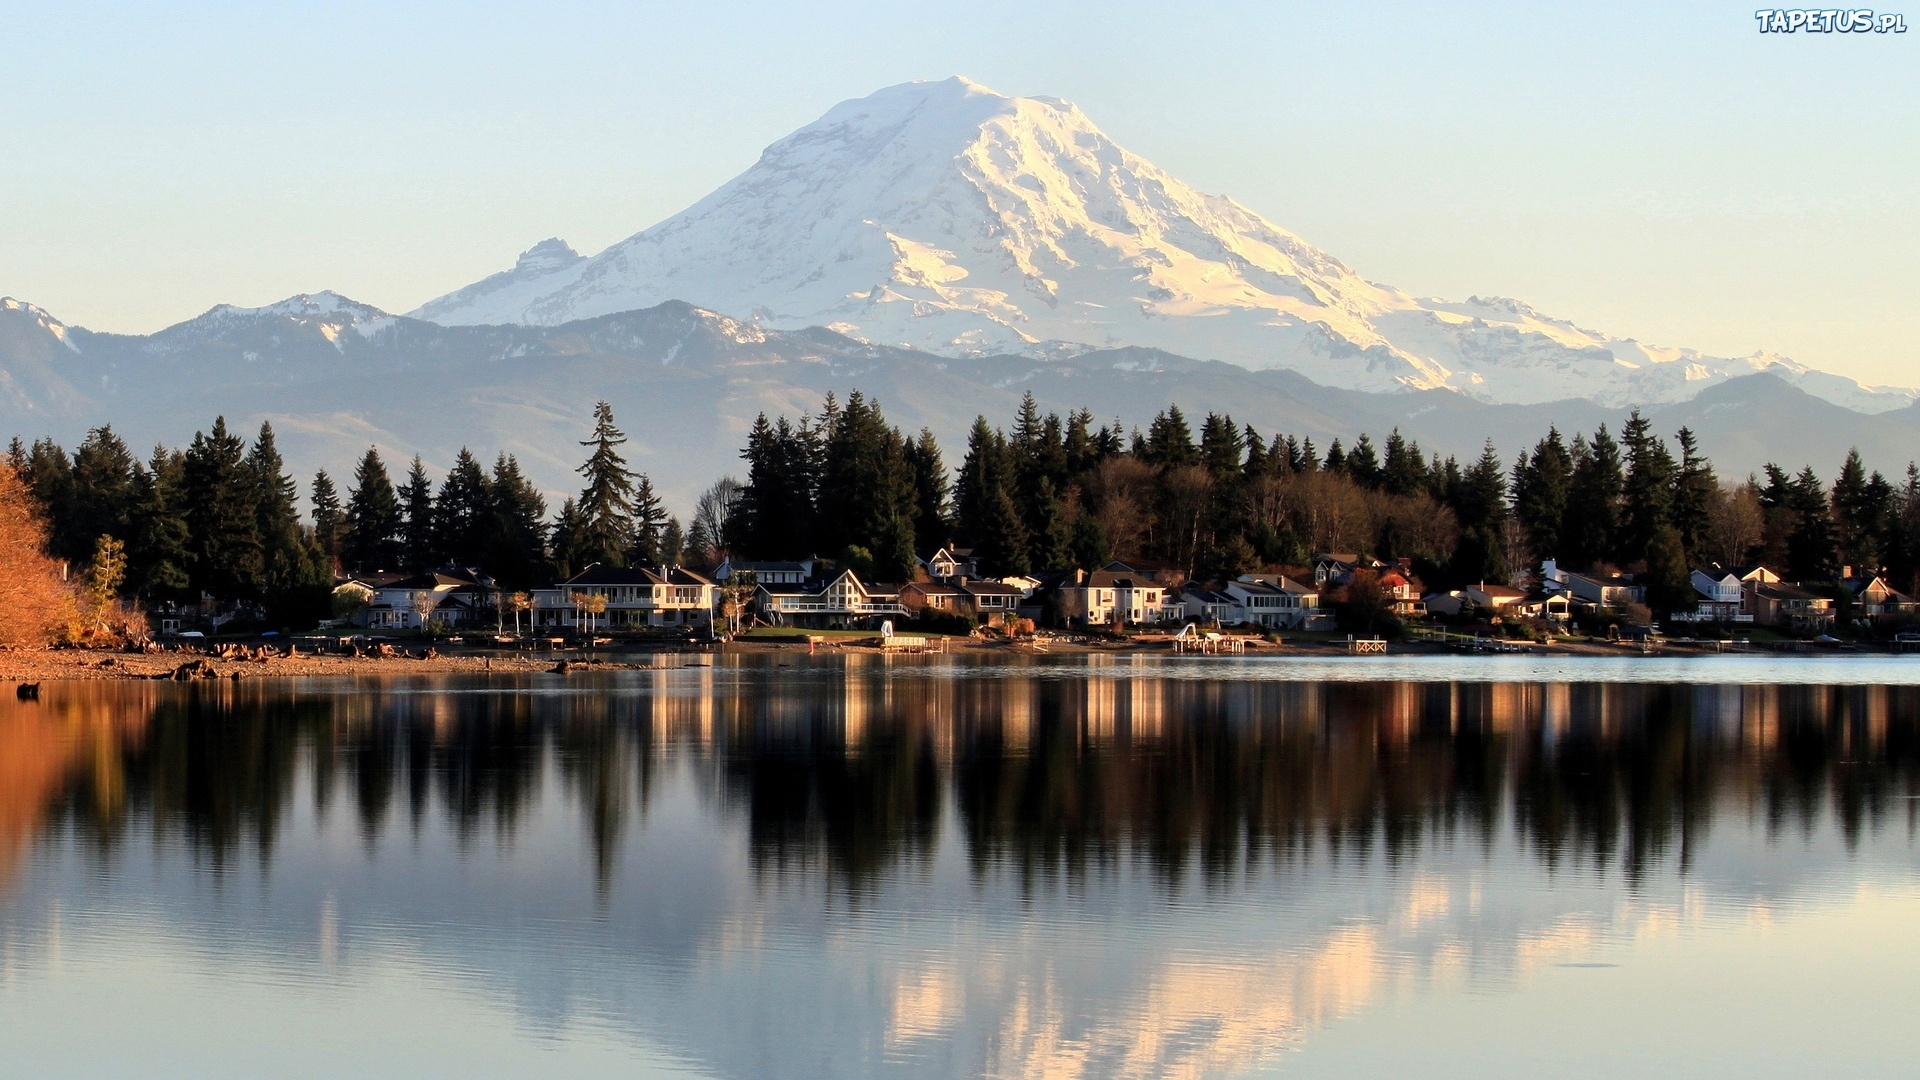 городок у озера без смс